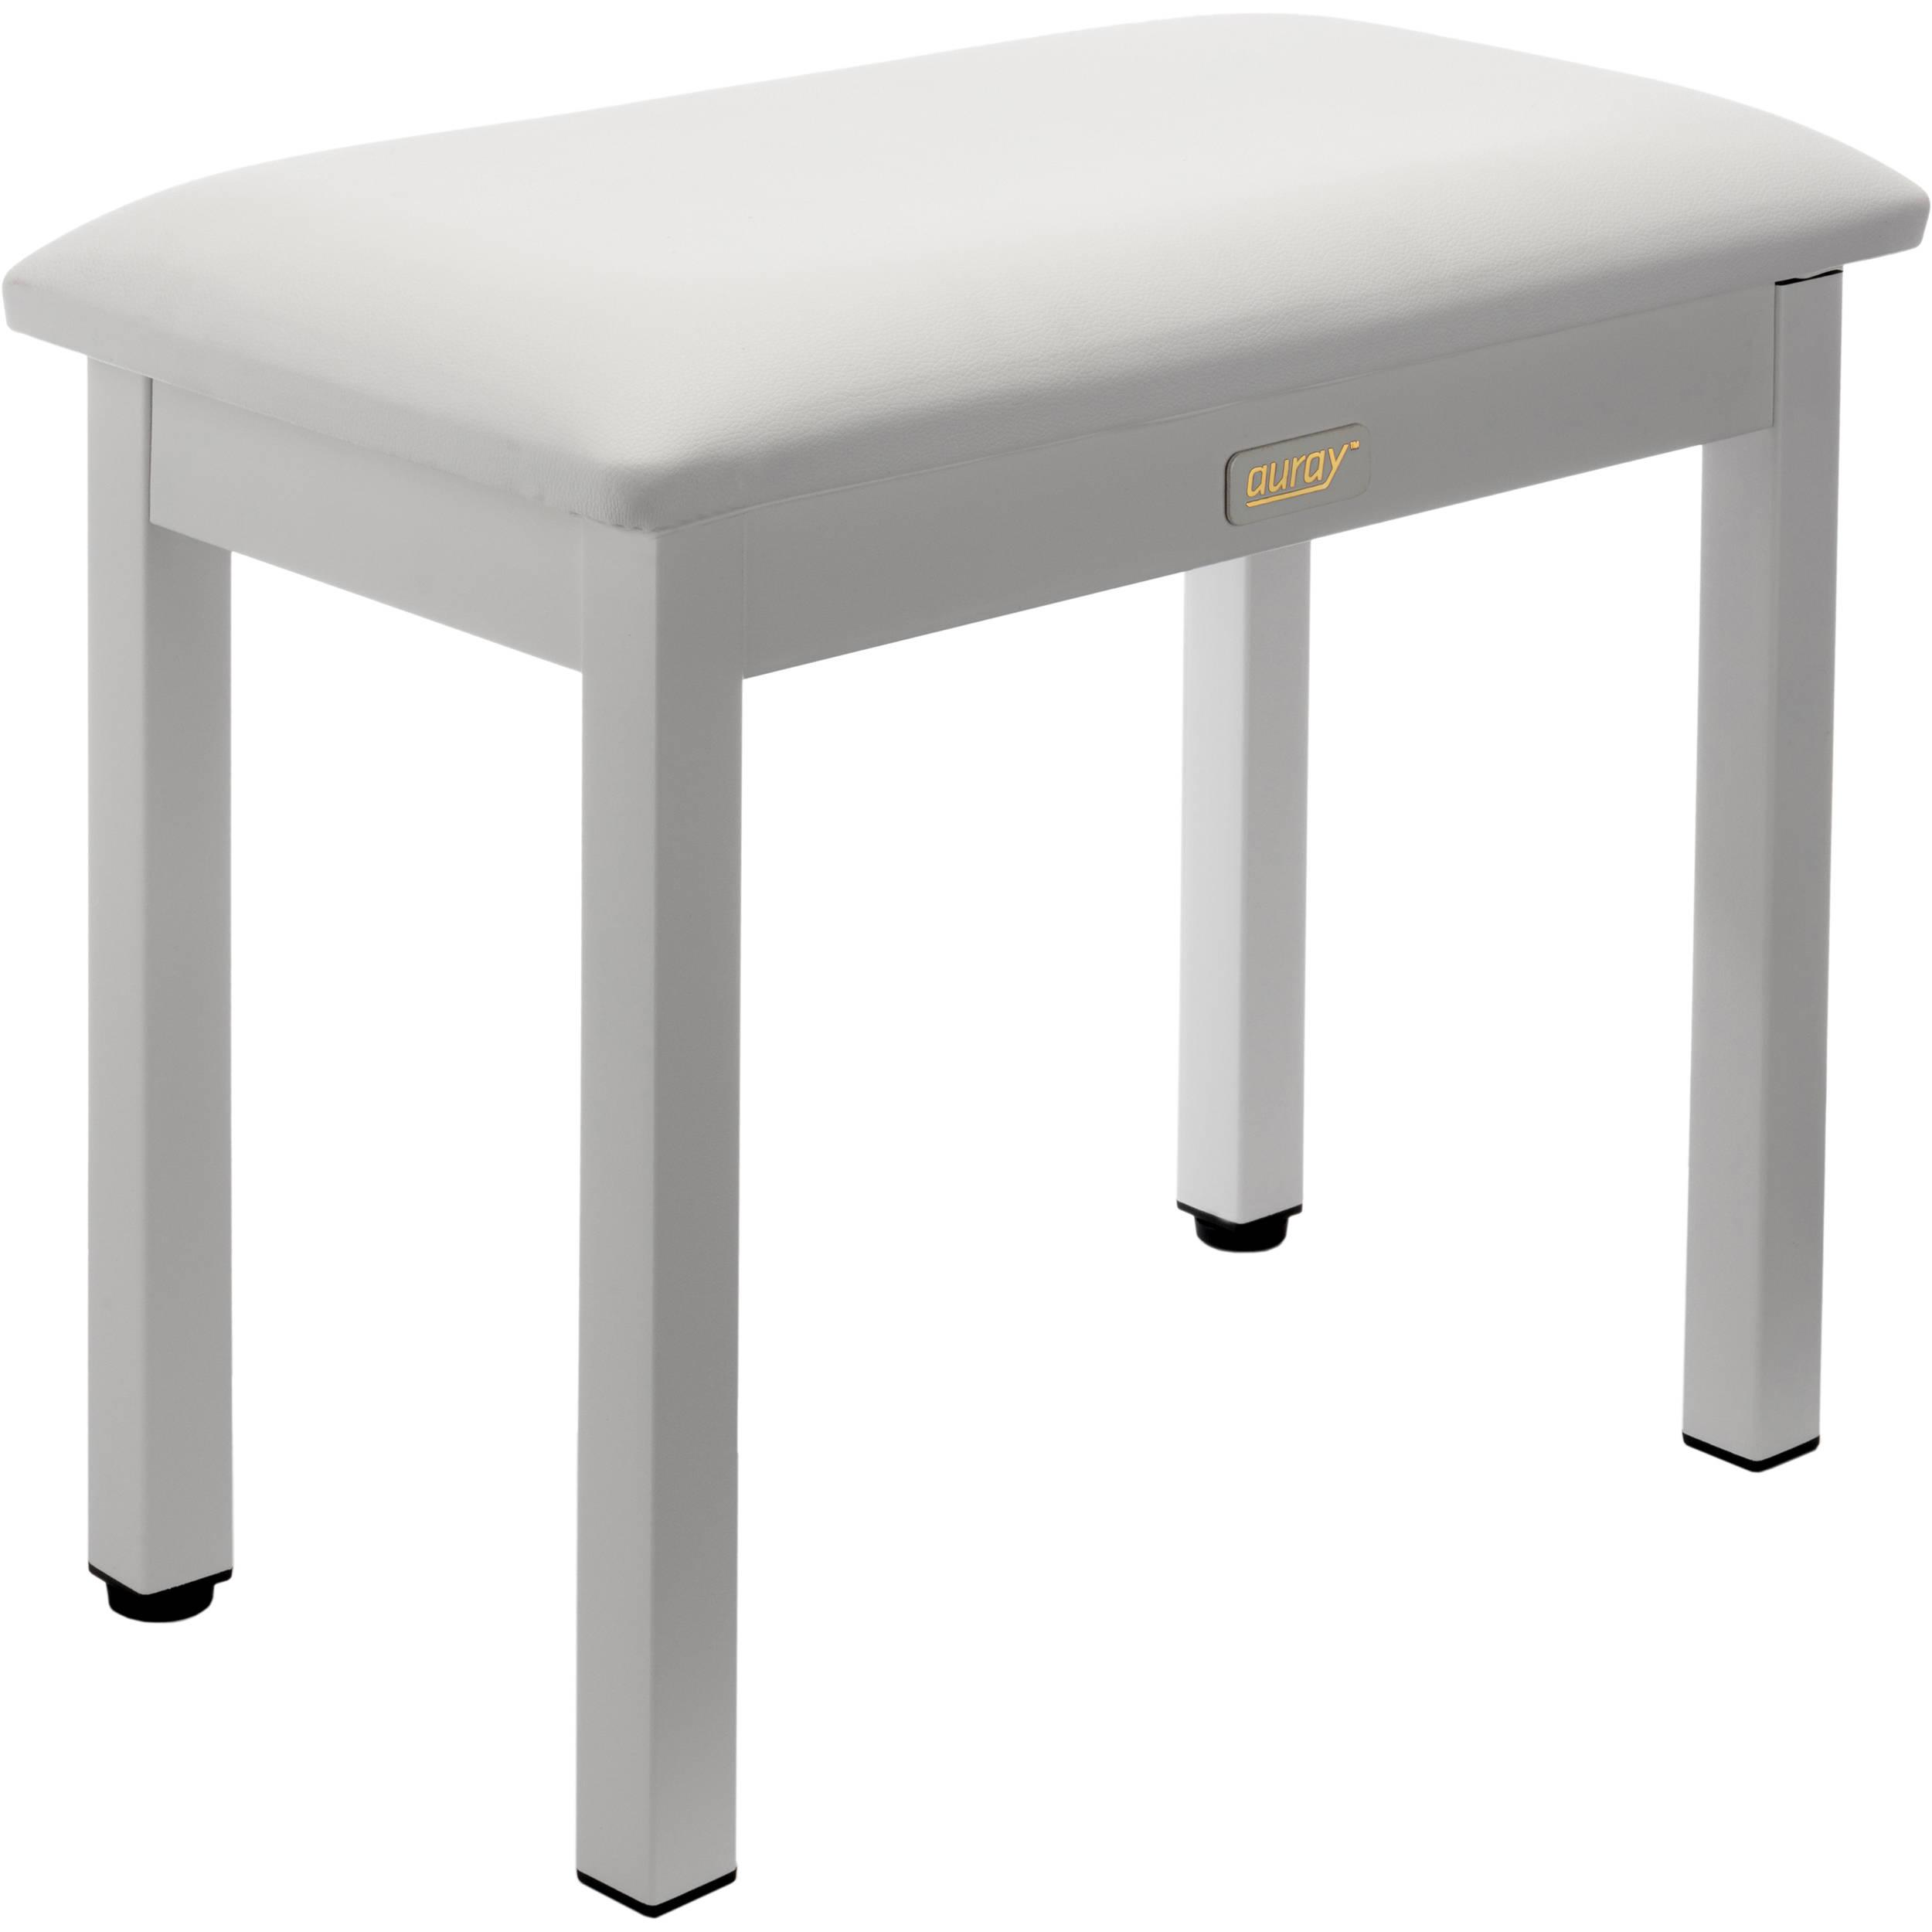 Auray PBM-FW Metal Frame Piano Bench (White) PBM-FW B&H Photo